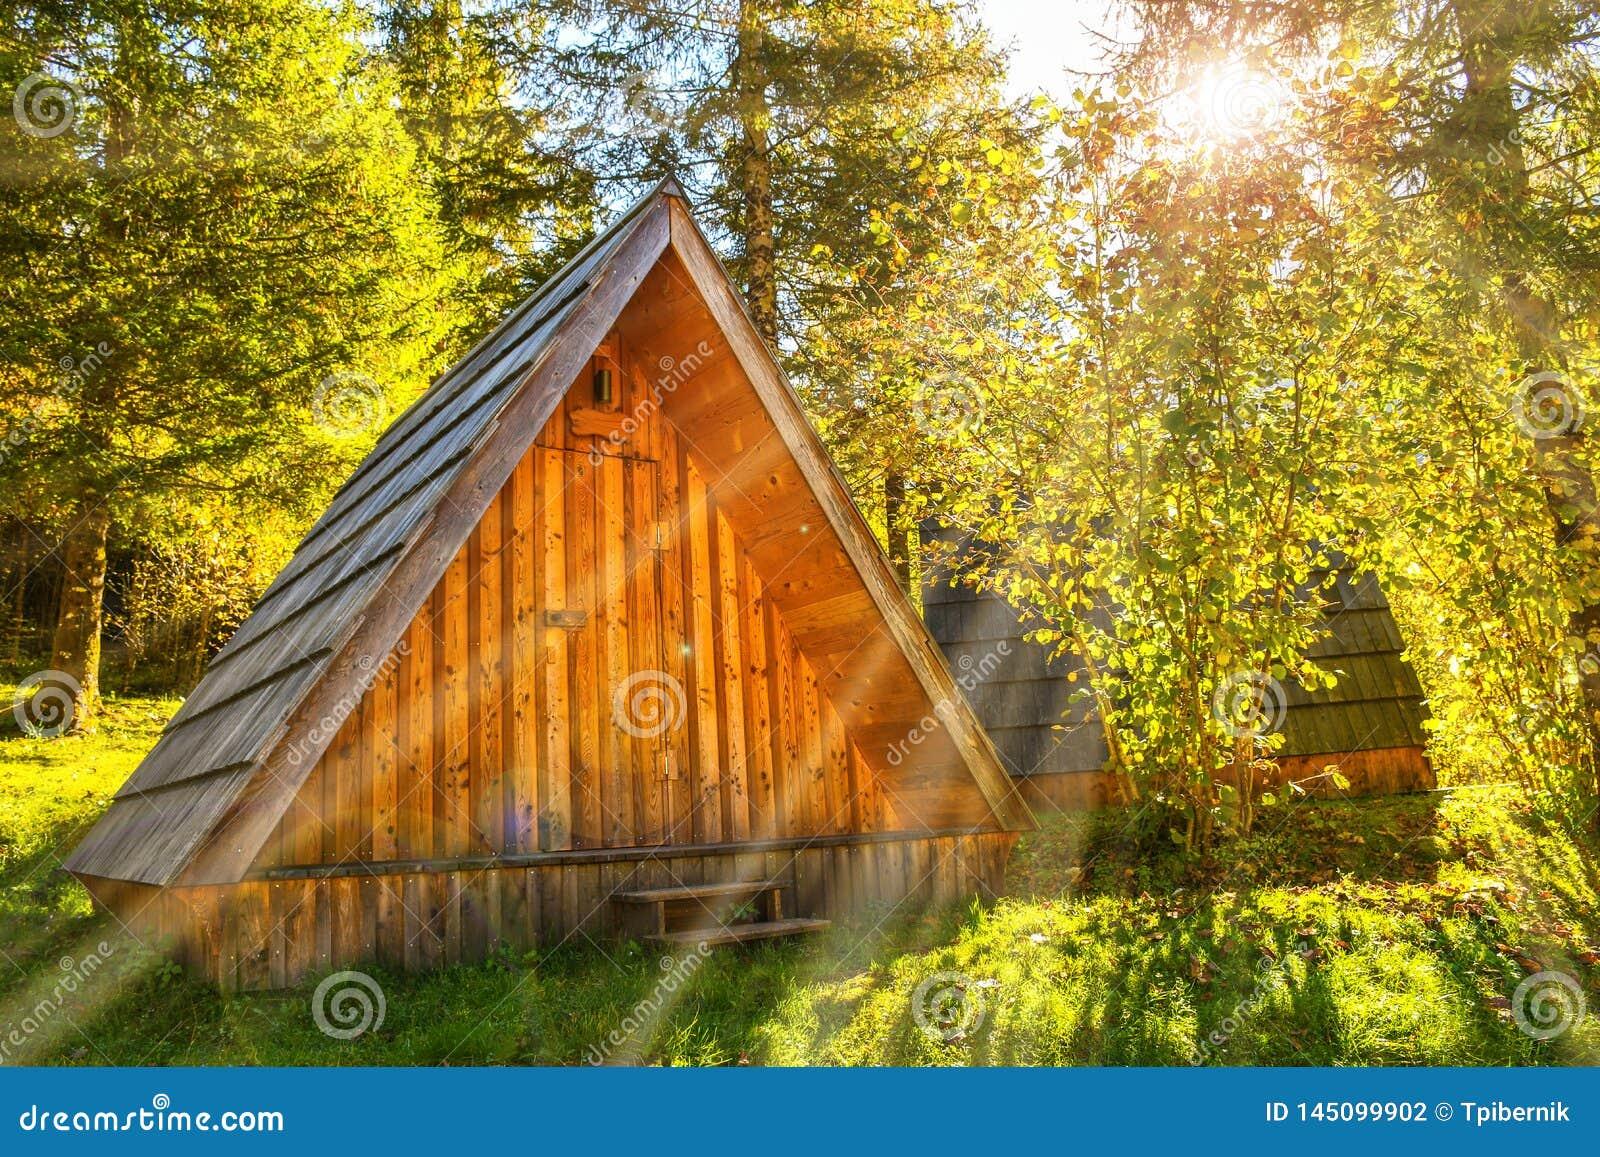 很远在一个深绿森林掩藏的小自然木房子在一晴朗的早晨天